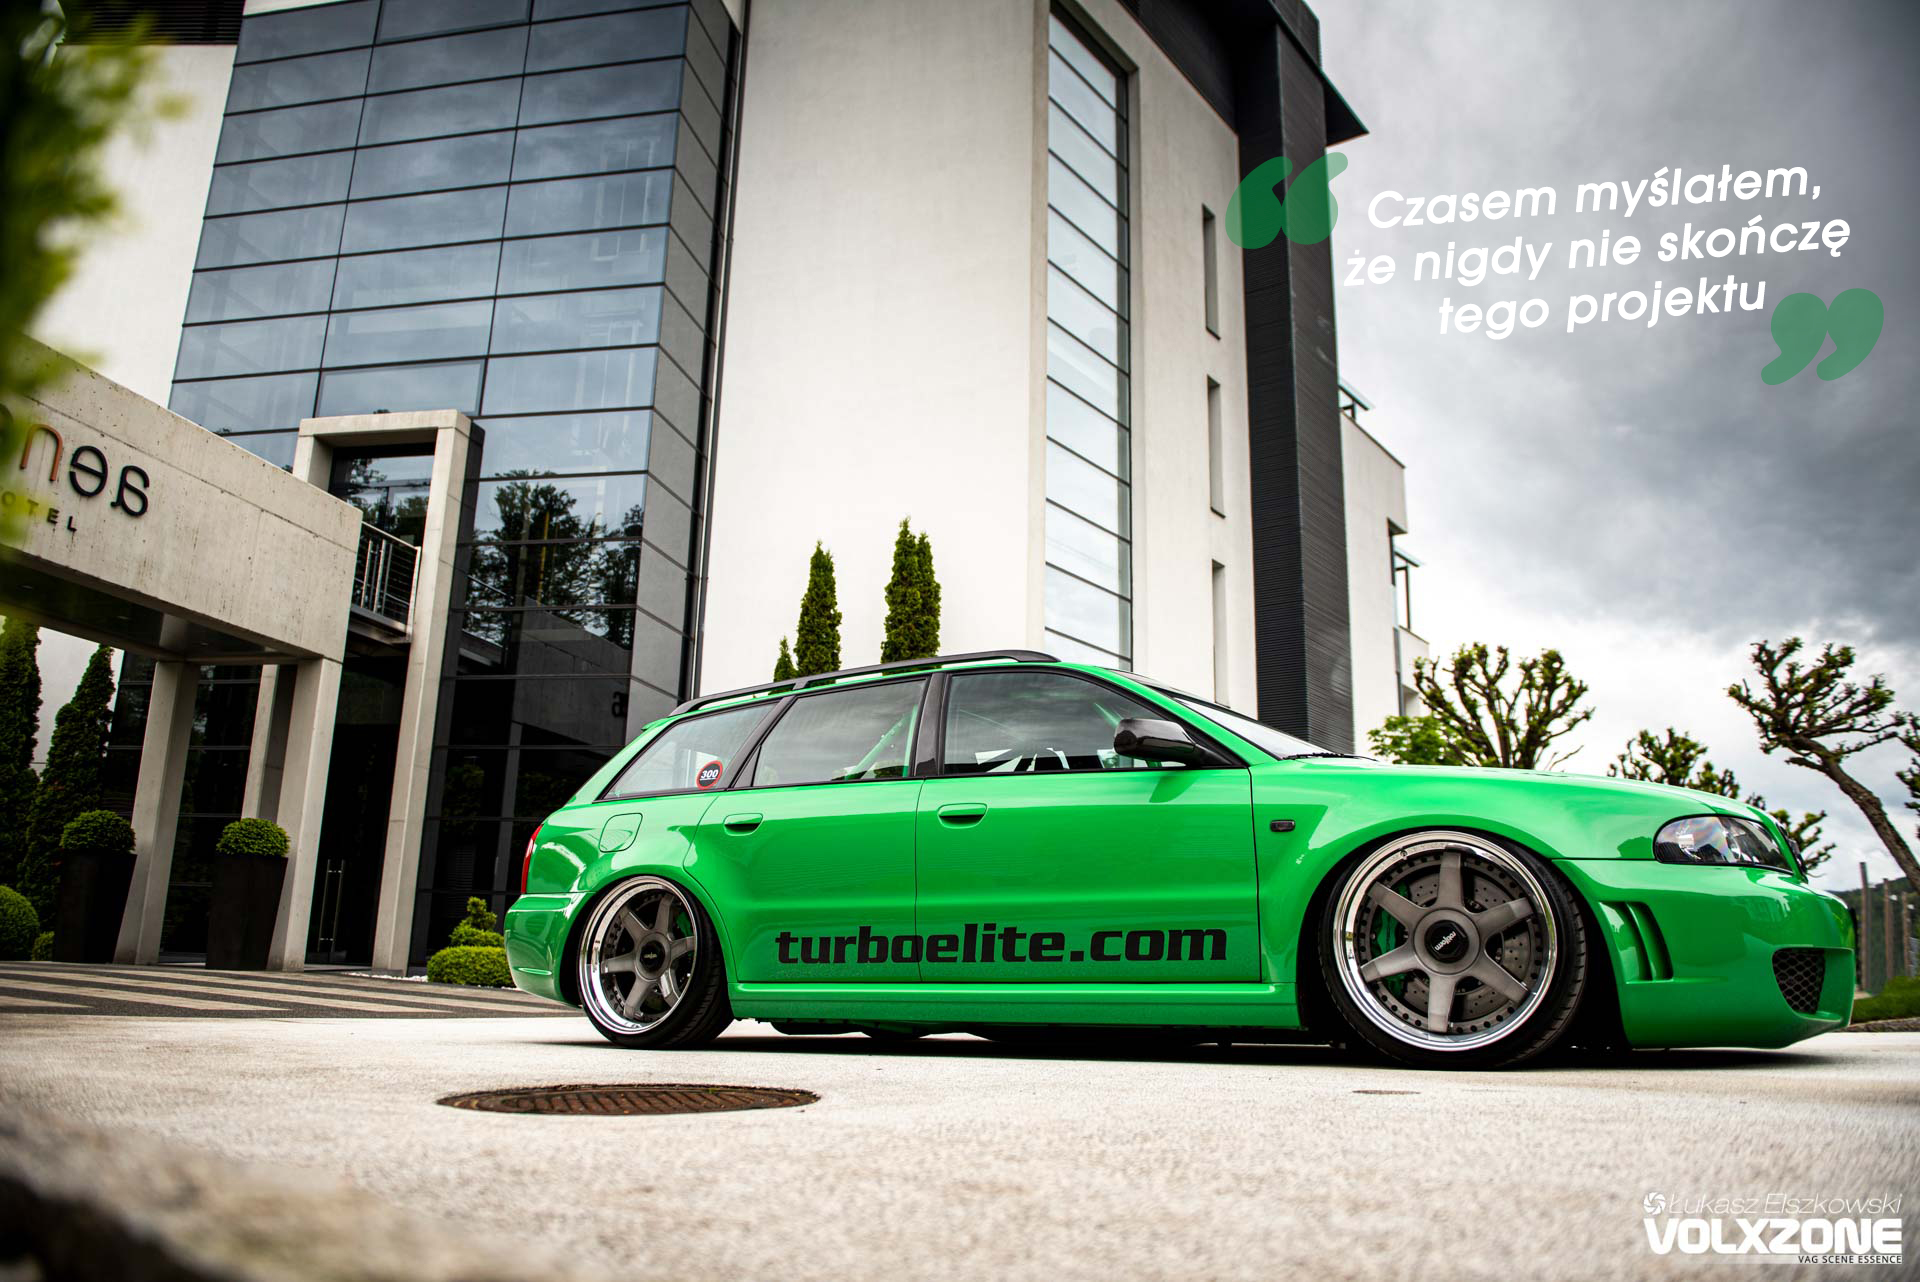 Audi RS4 B5 Hulk Turboelite